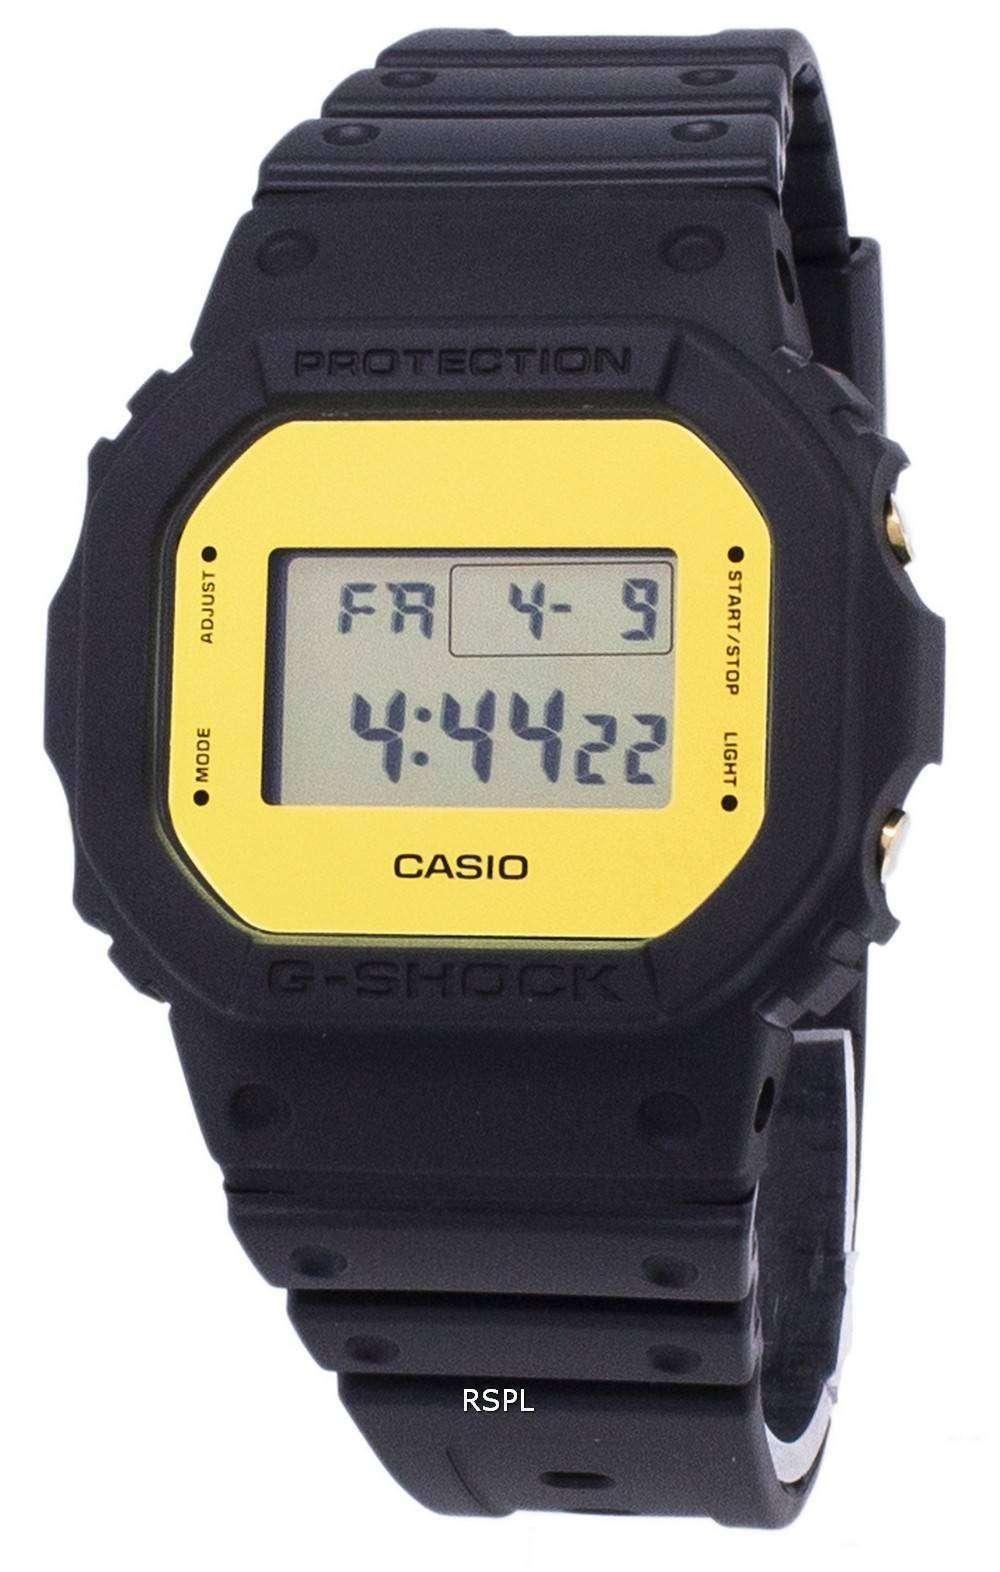 Hombres G Shock Color Modelos 1 Dw5600bbmb Los De 5600bbmb Casio Reloj Especial 200m Dw BrCxoeWd